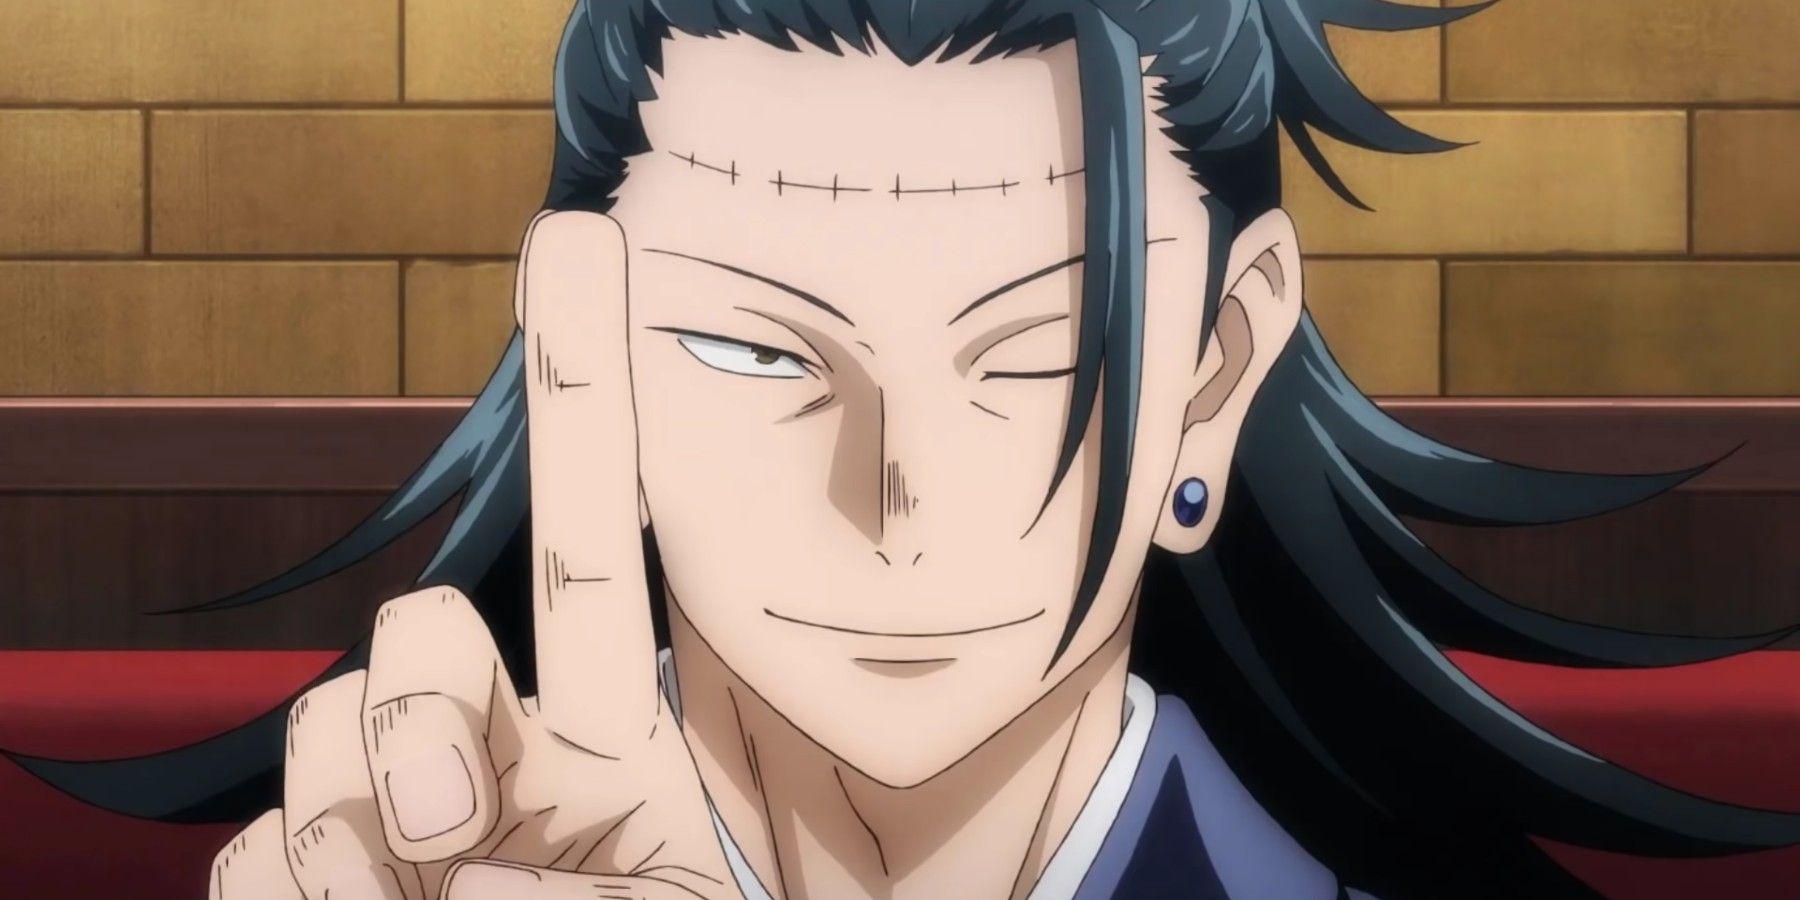 Guia de Personagens Jujutsu Kaisen: Quem é quem no anime da Shonen Jump 8